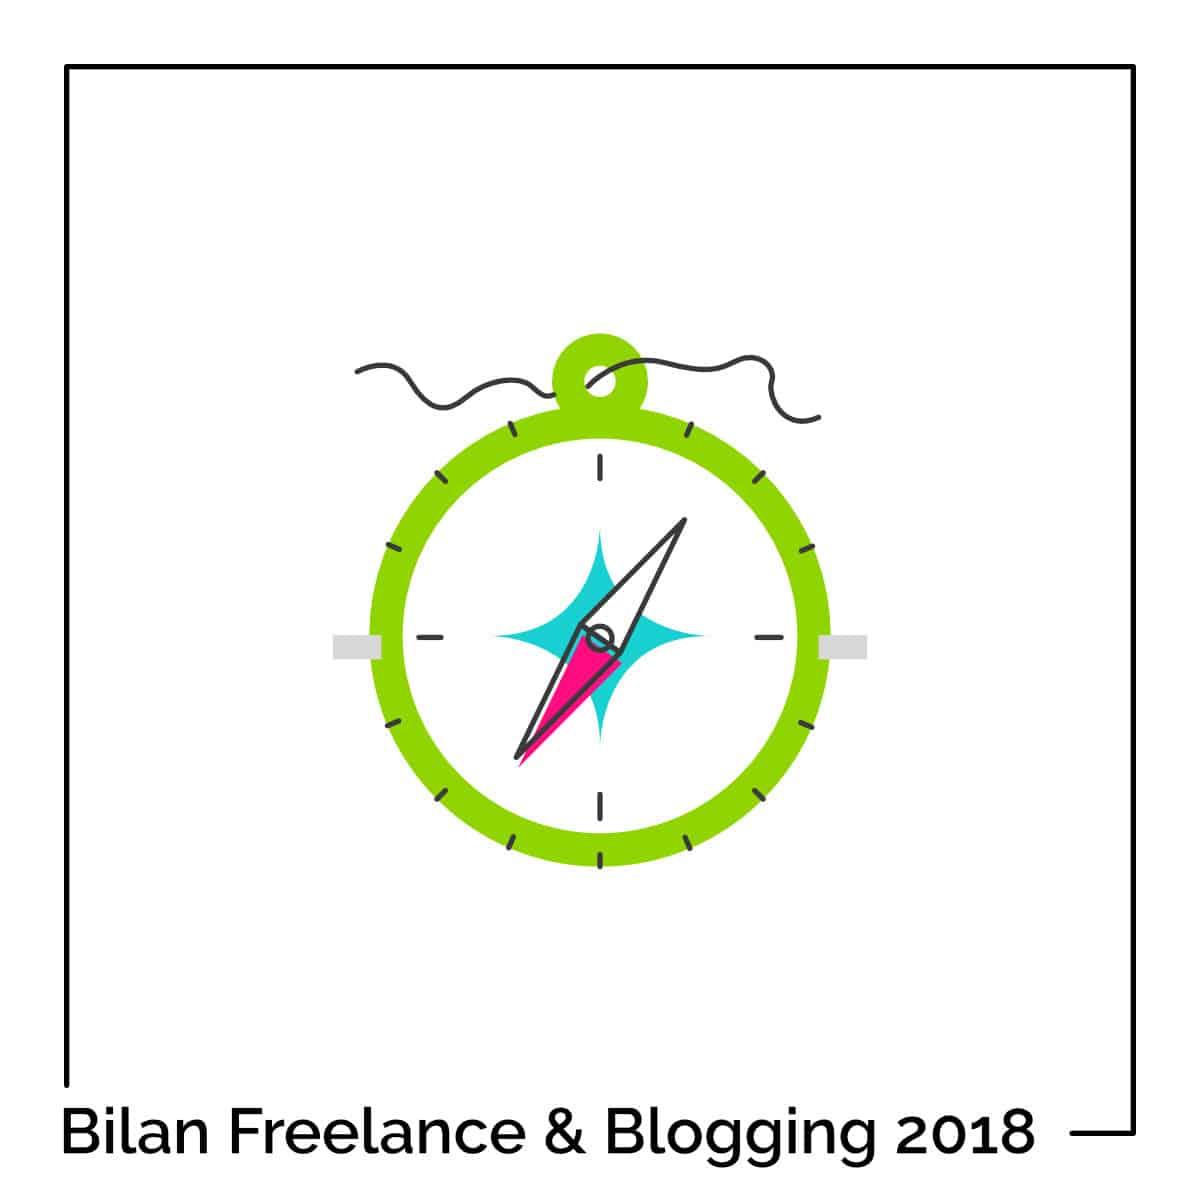 Le bilan freelance et blogging 2018 de La Webeuse